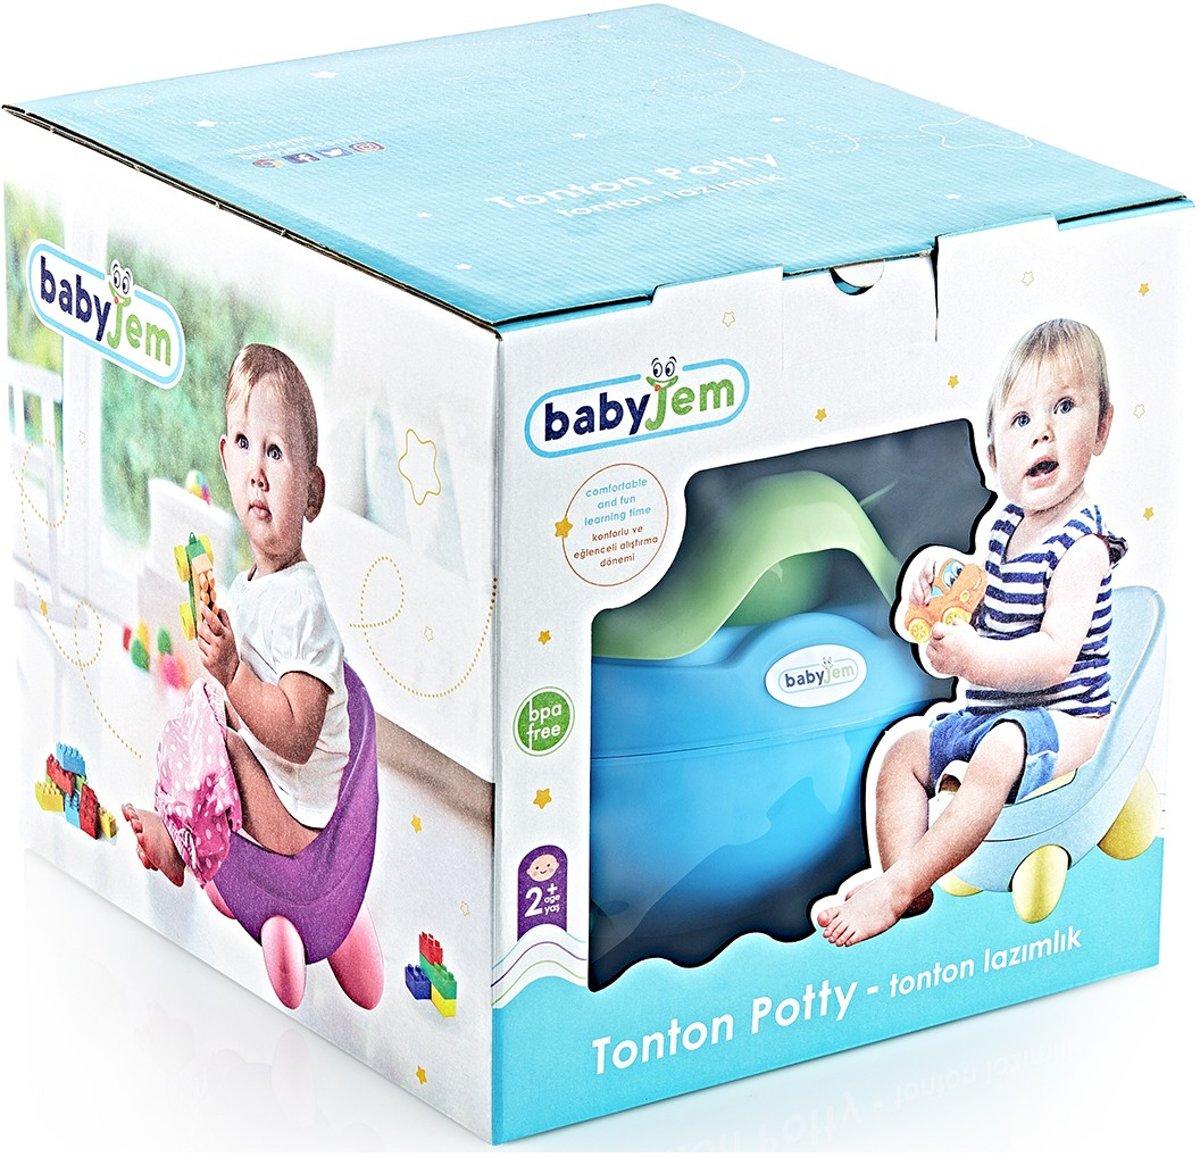 Babyjem Zachte Blauwe Baby Tonton Potje , Training Zitje Comfortabel en Veilig , Gezond en BPA-Vrij , Afzetbaar en Portatief kopen